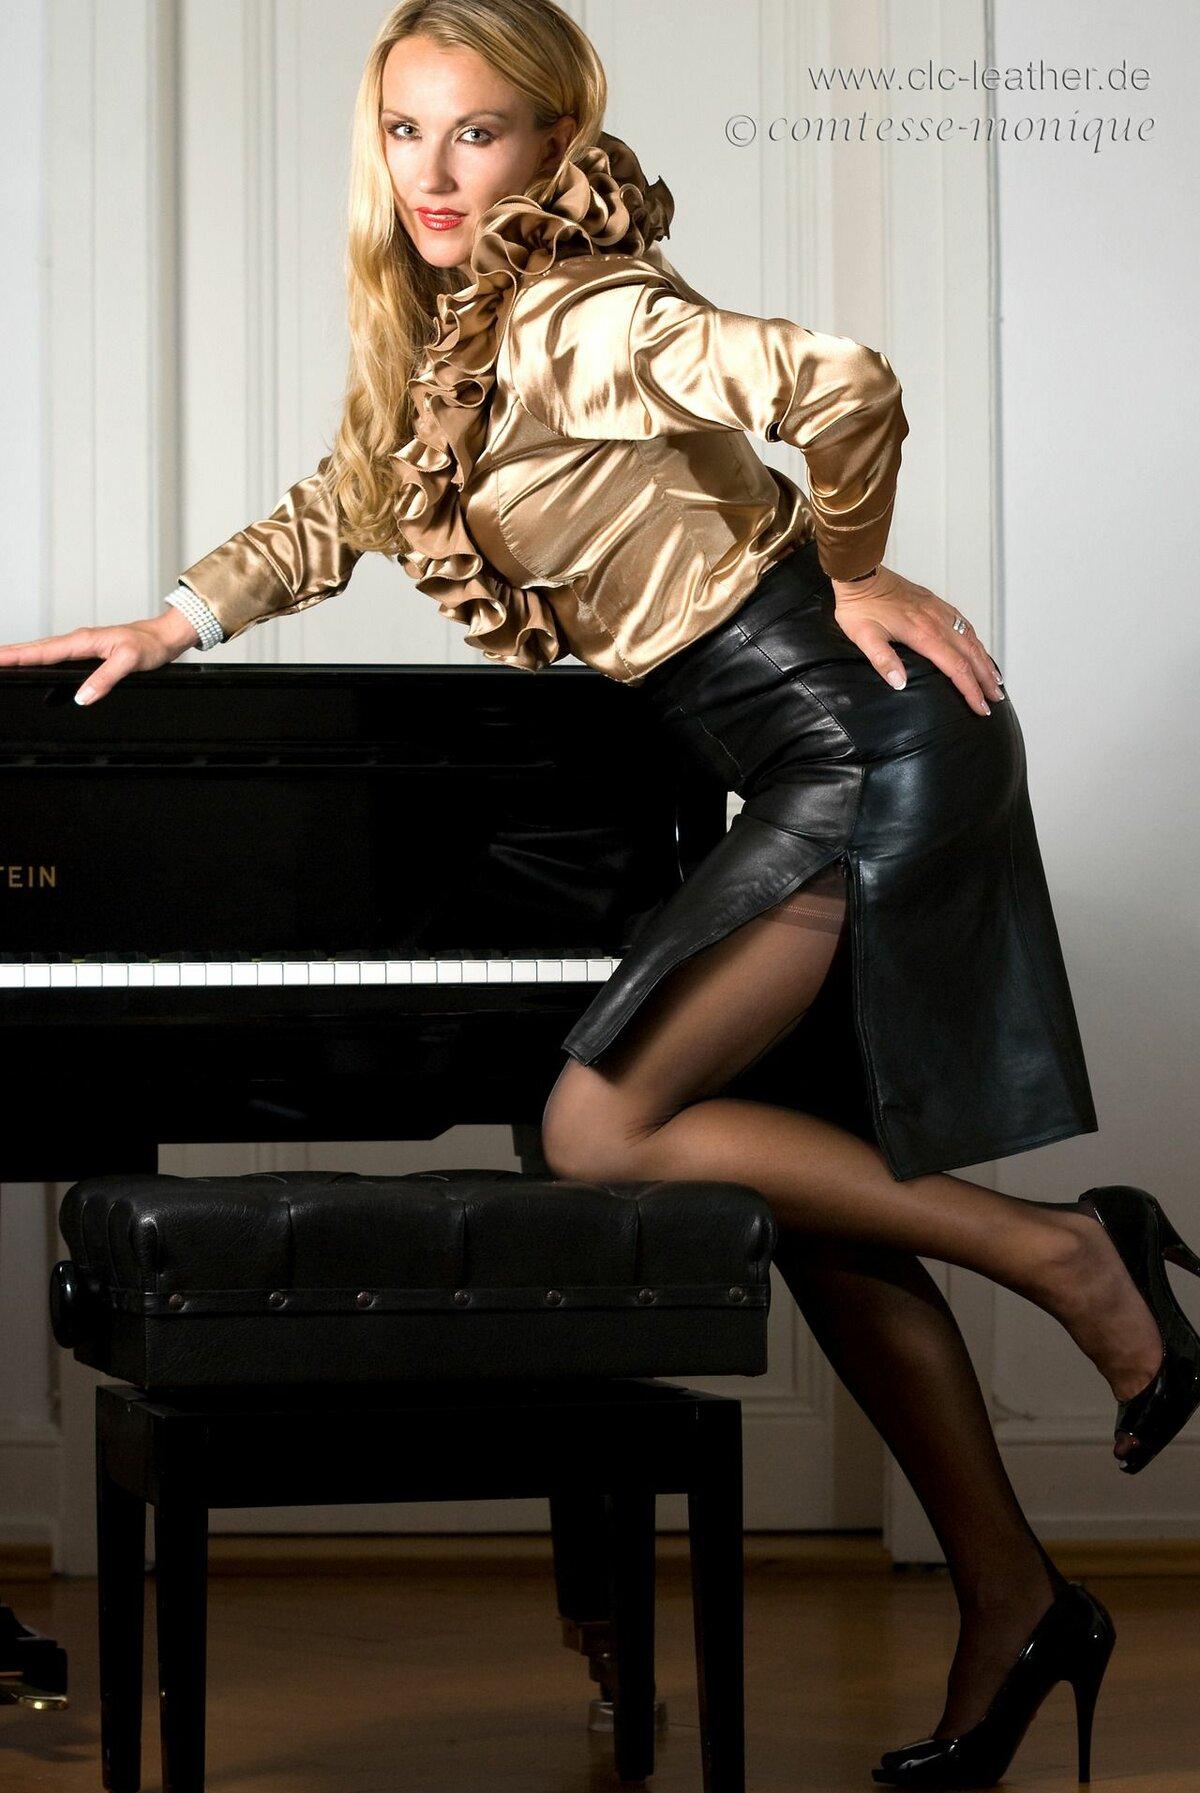 просто фото женщина в кожаной юбке позирует расслабленности девушки является